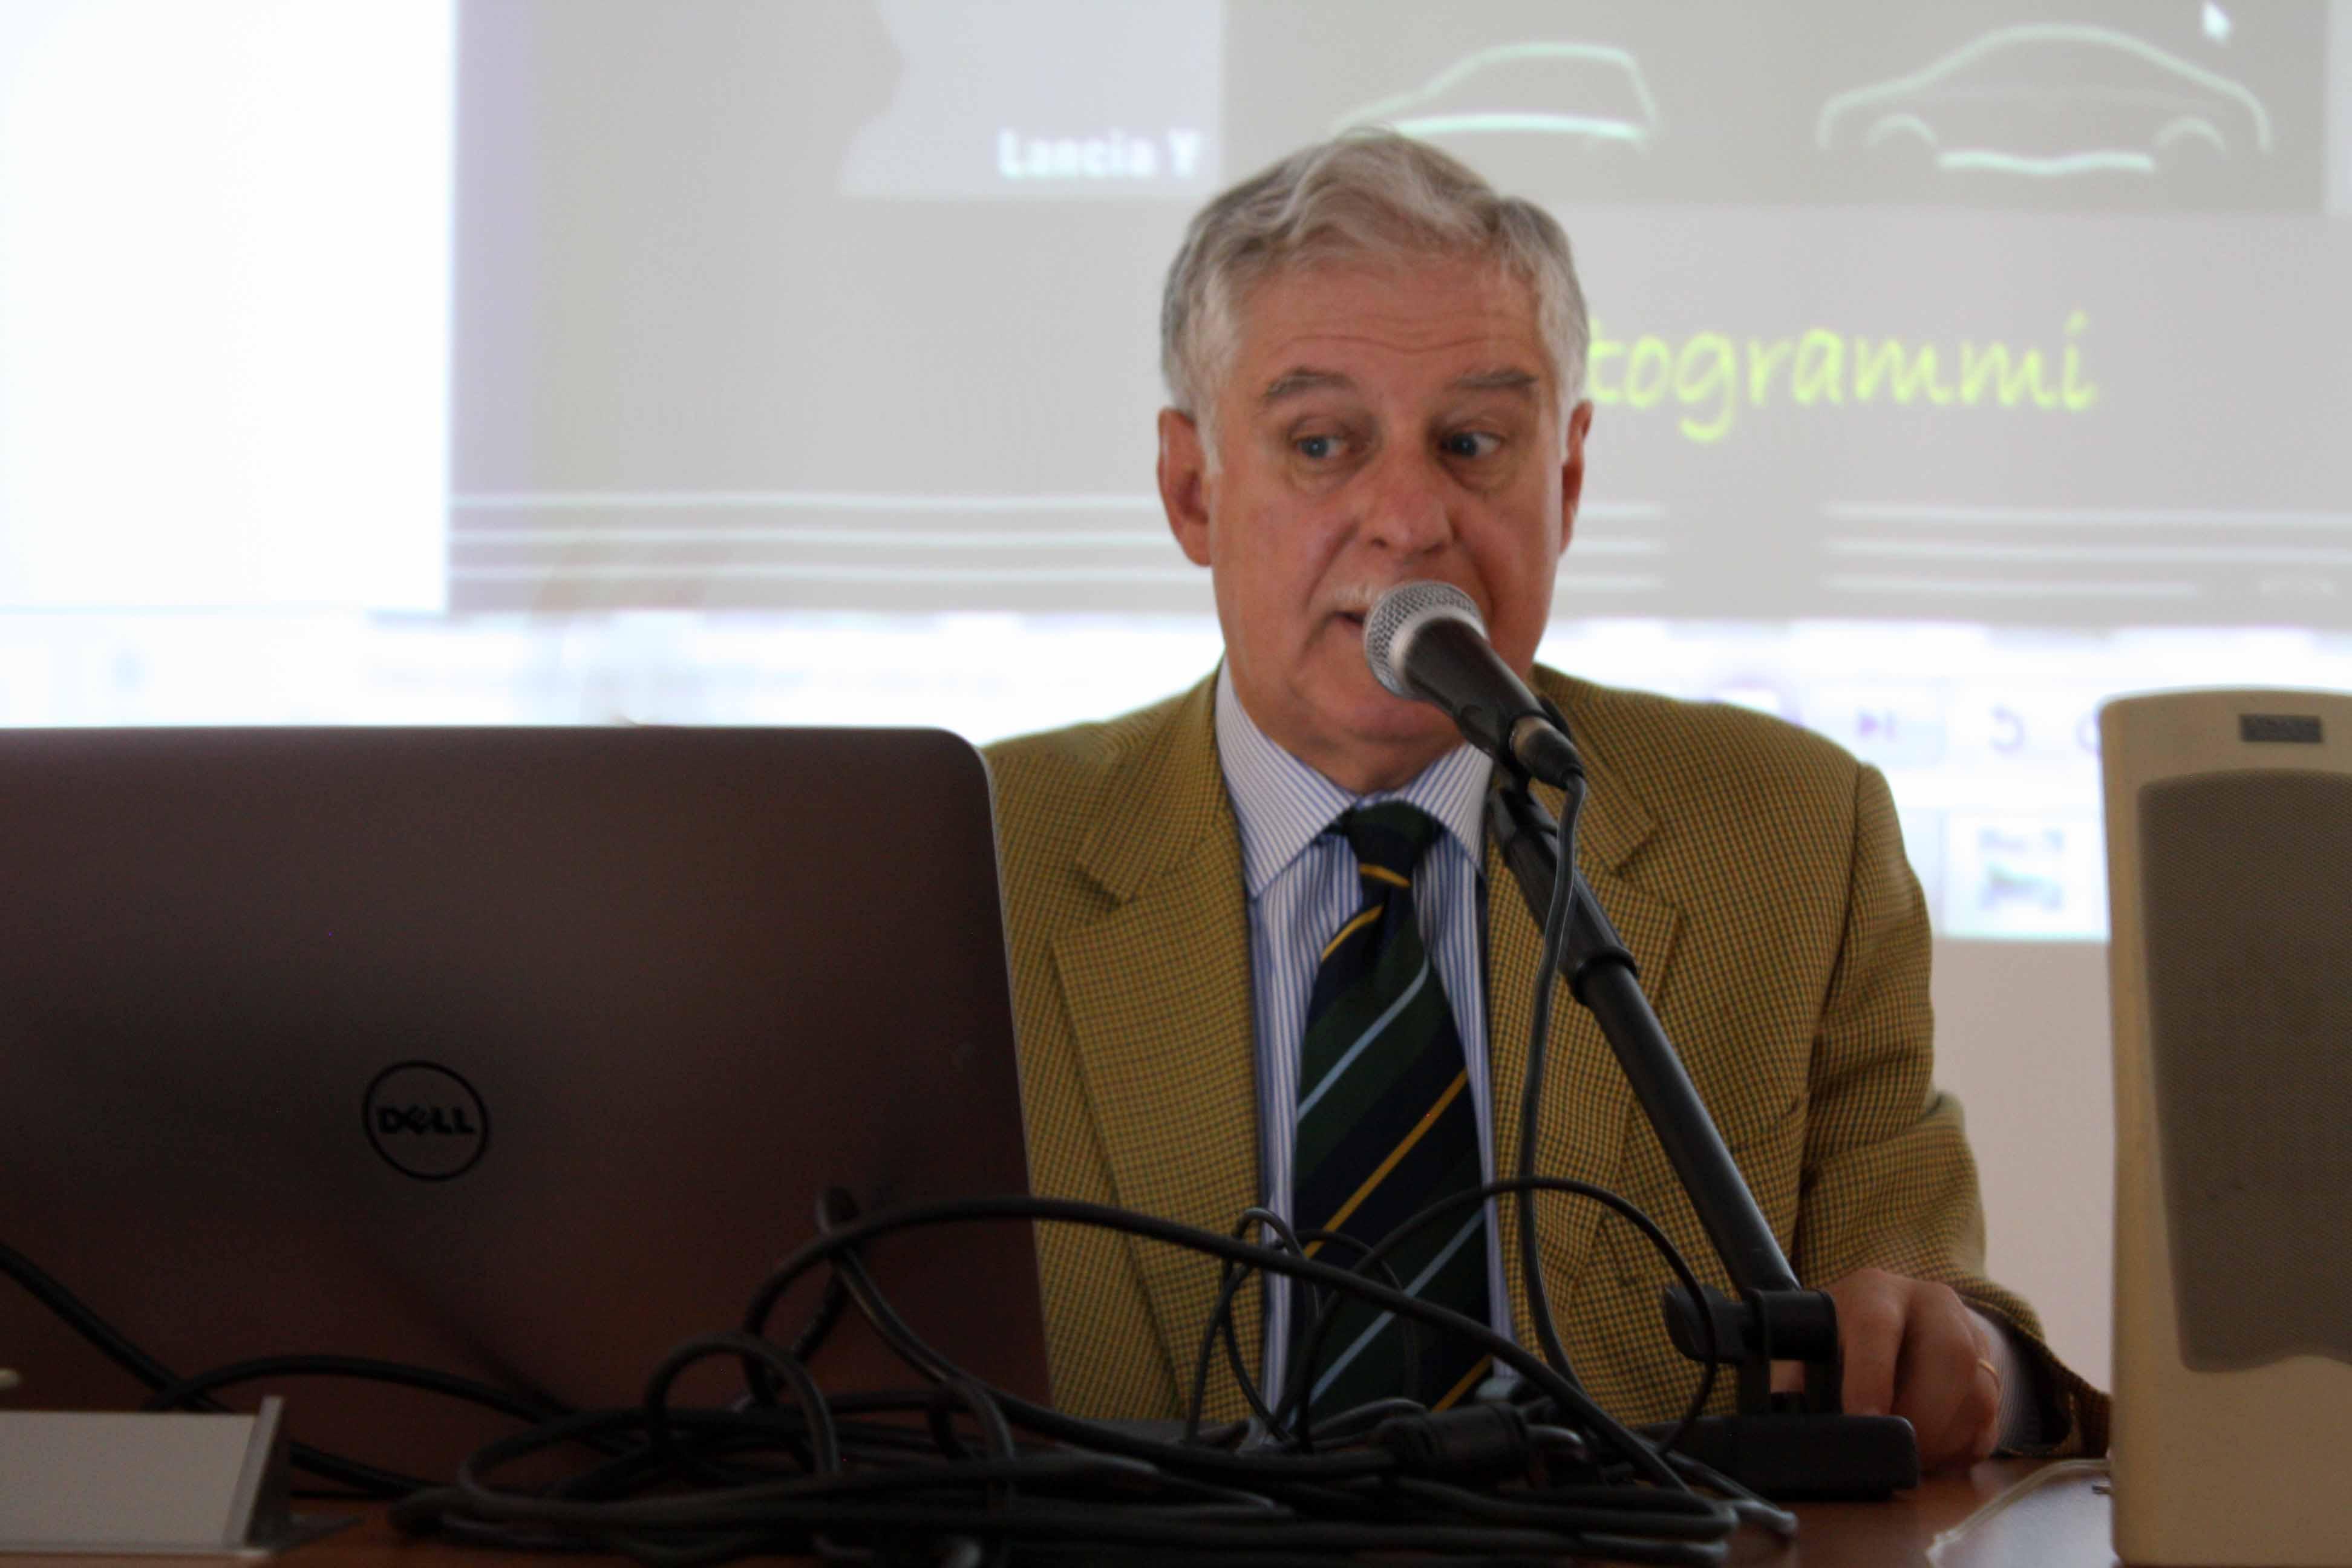 Photo of All'Università di Modena, seminario sul design da parte di uno storico designer, ingegnere e manager del mondo dell'auto: l'Ing. Enrico Fumia.